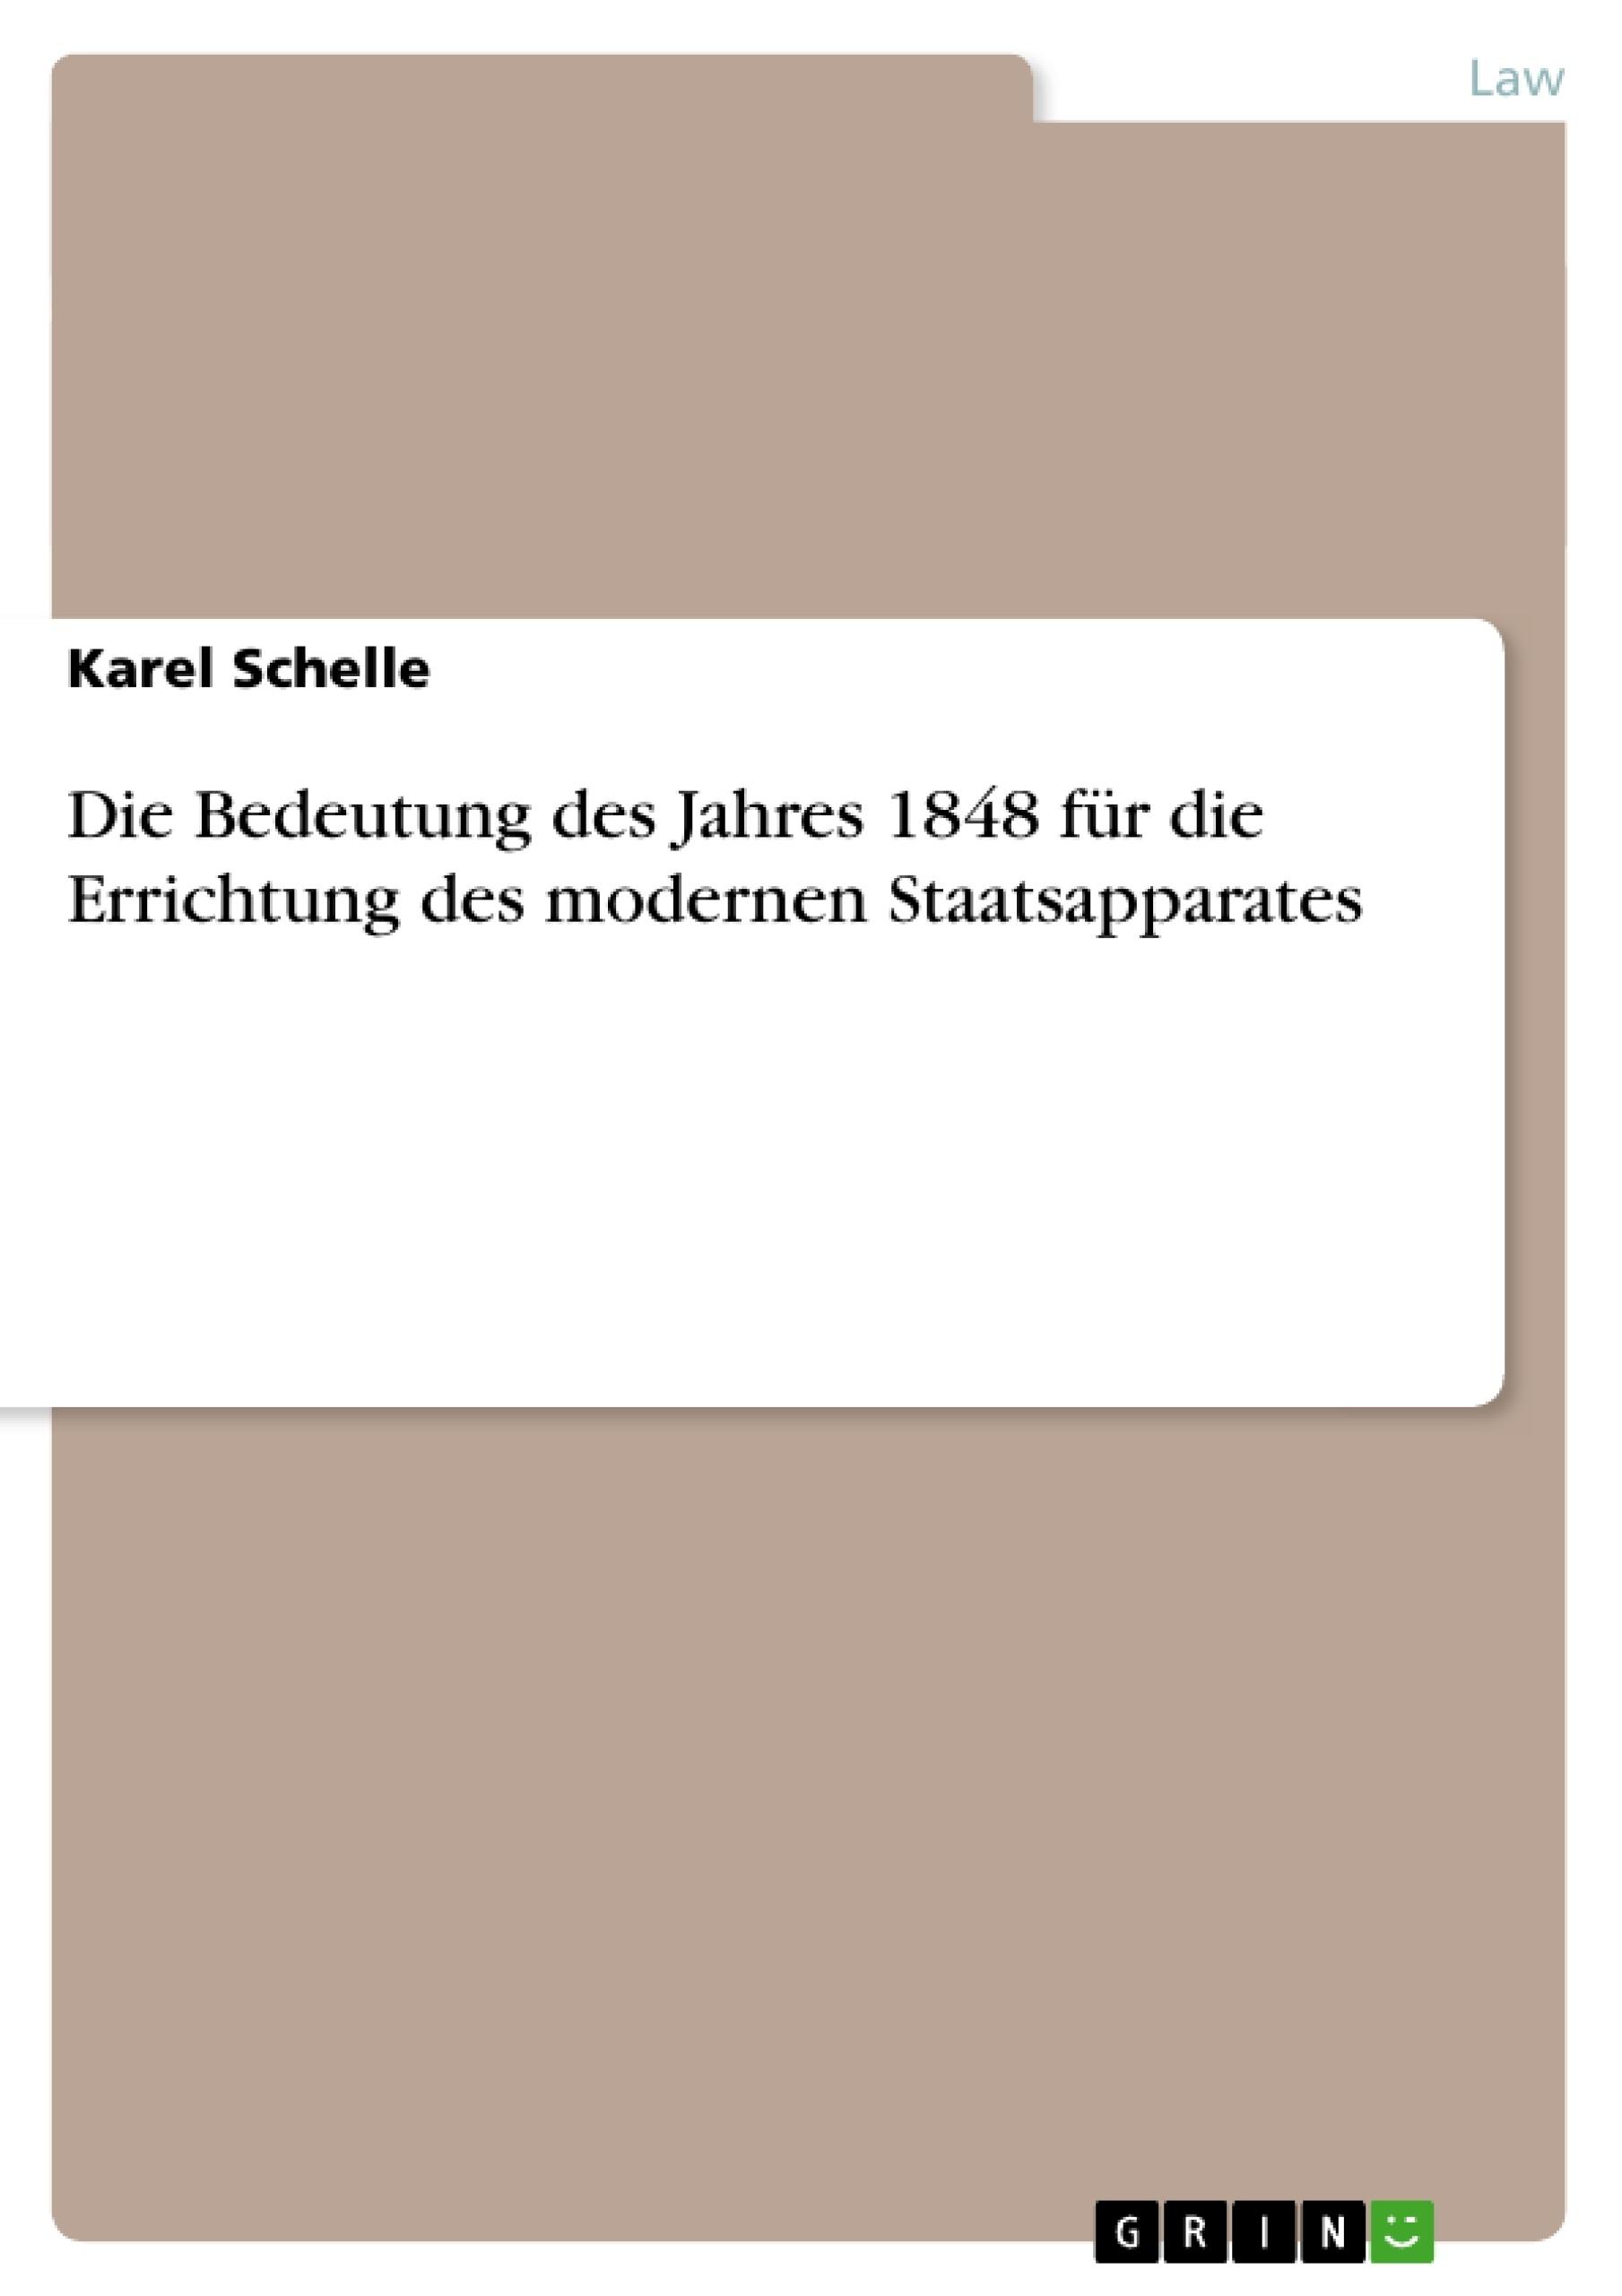 Title: Die Bedeutung des Jahres 1848 für die Errichtung des modernen Staatsapparates